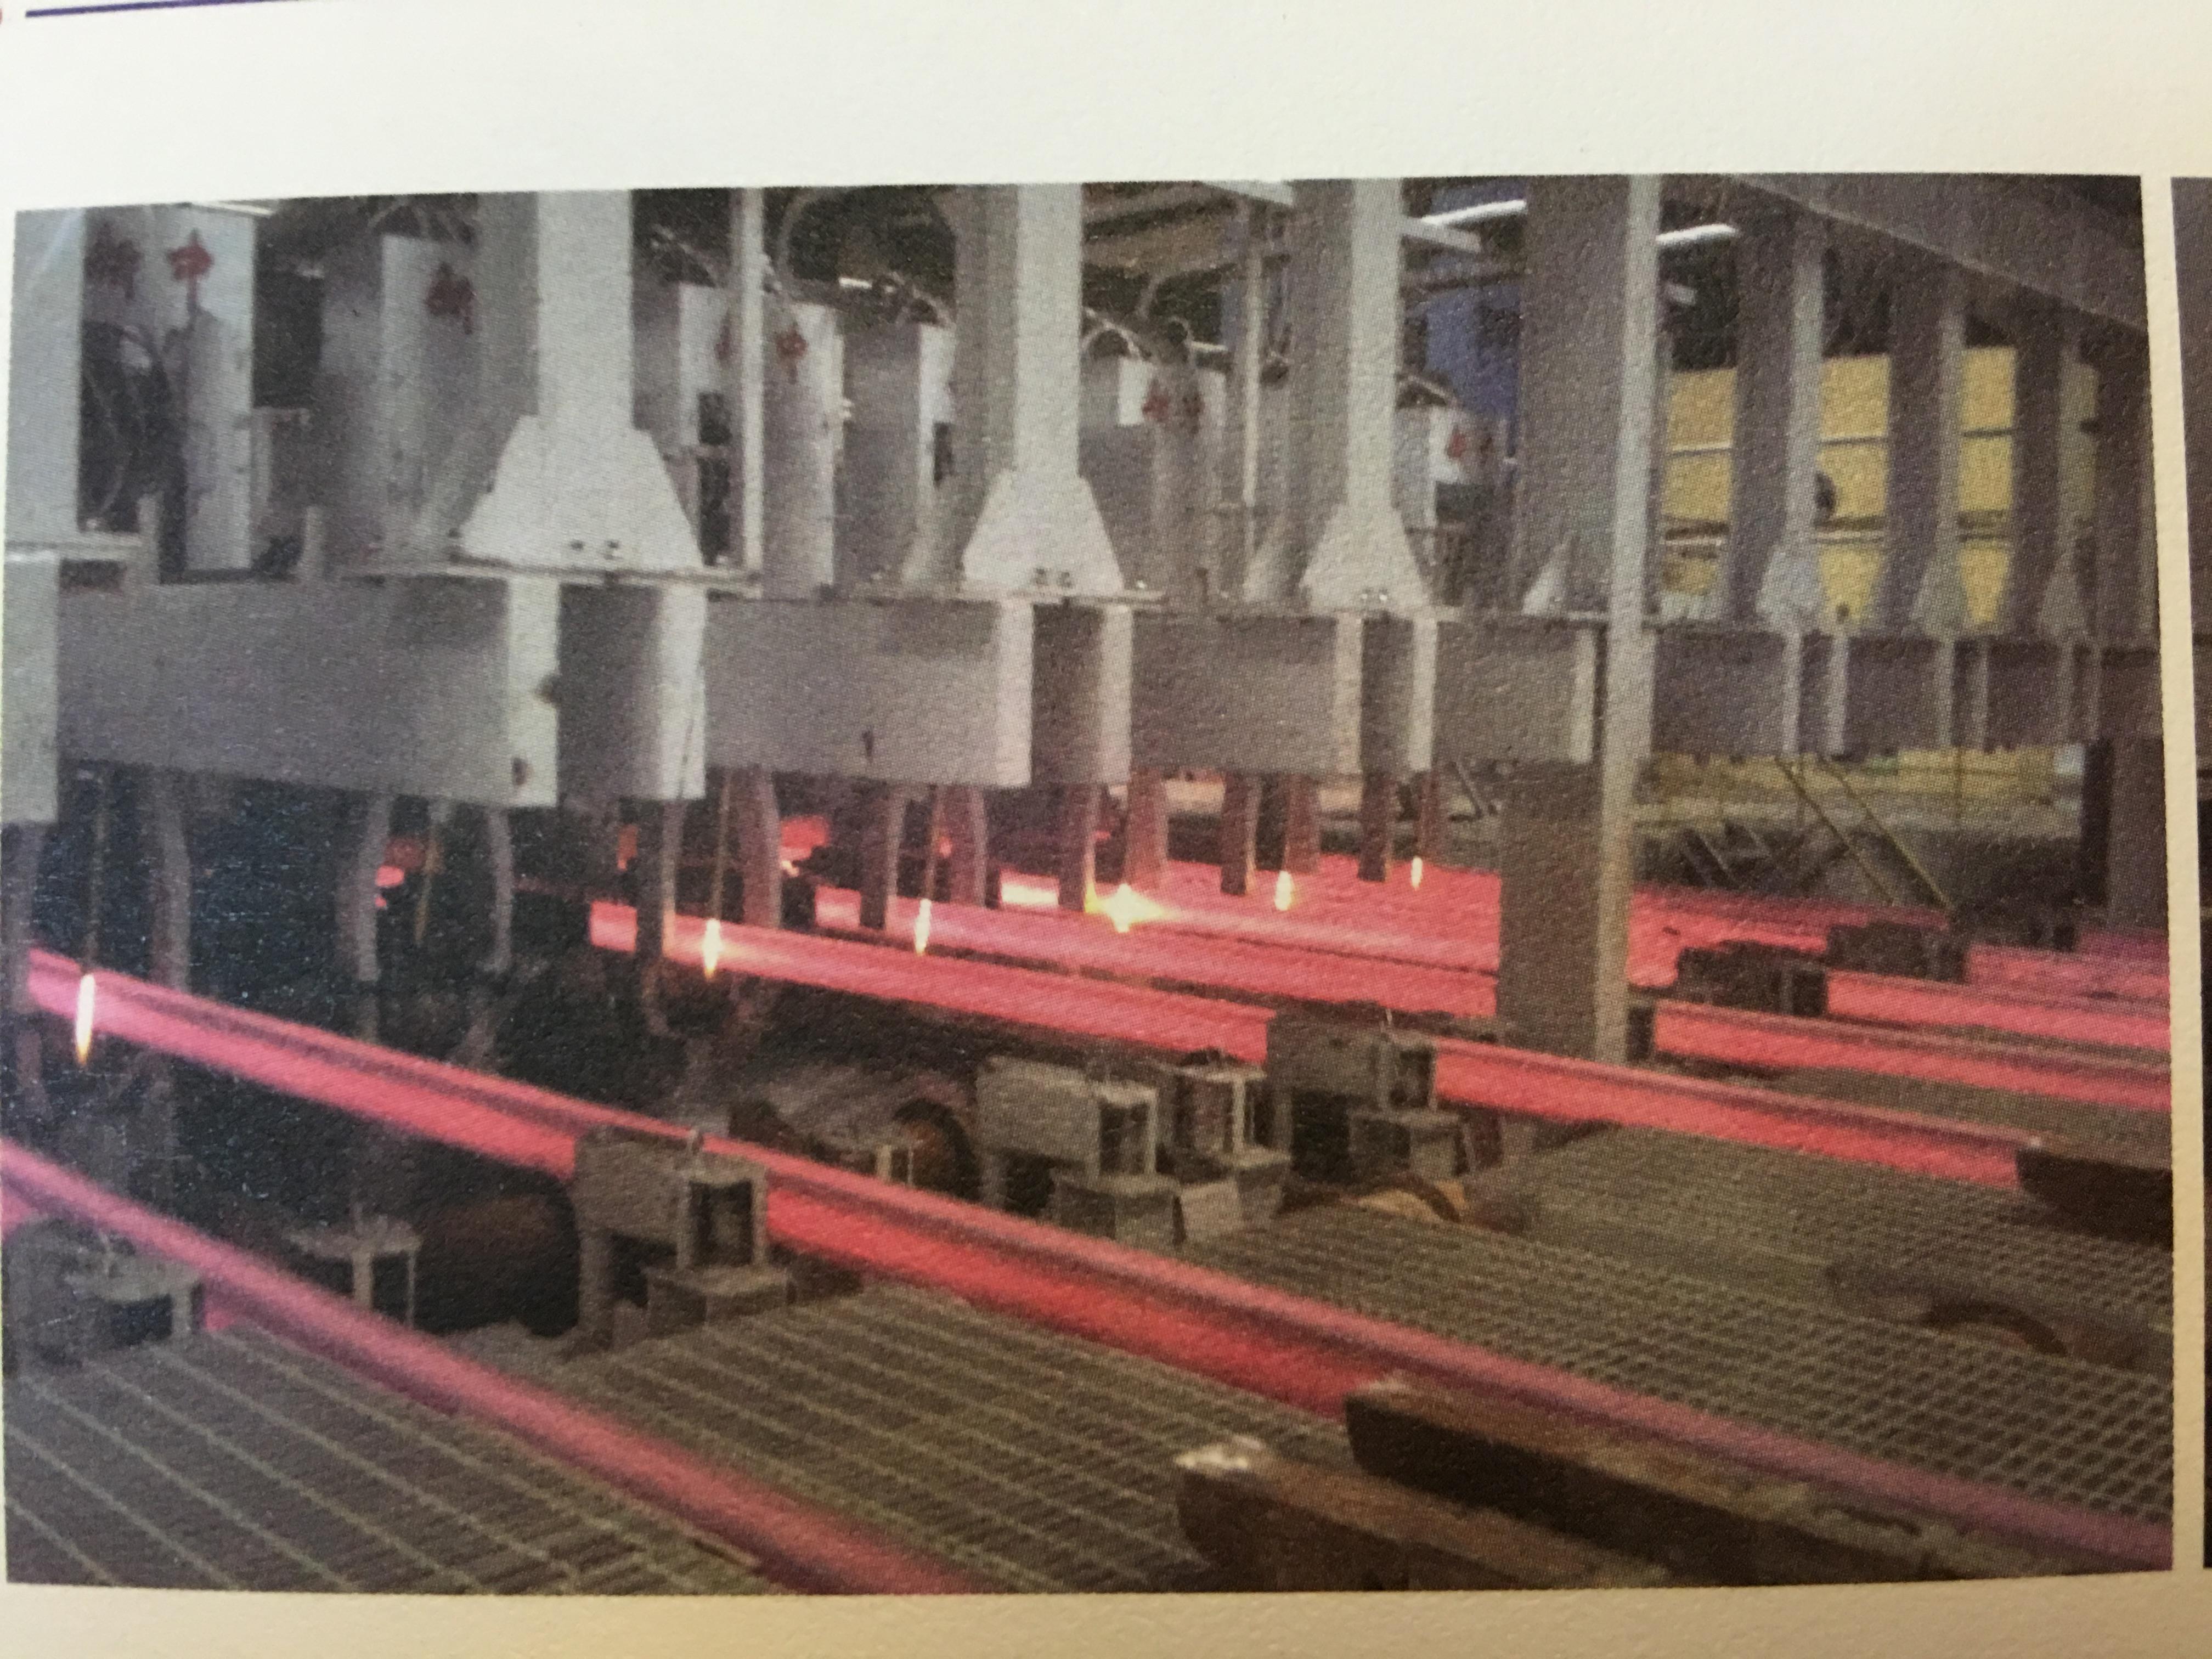 Cung cấp các loại máy đúc liên tục từ 1 dòng đến 8 dòng